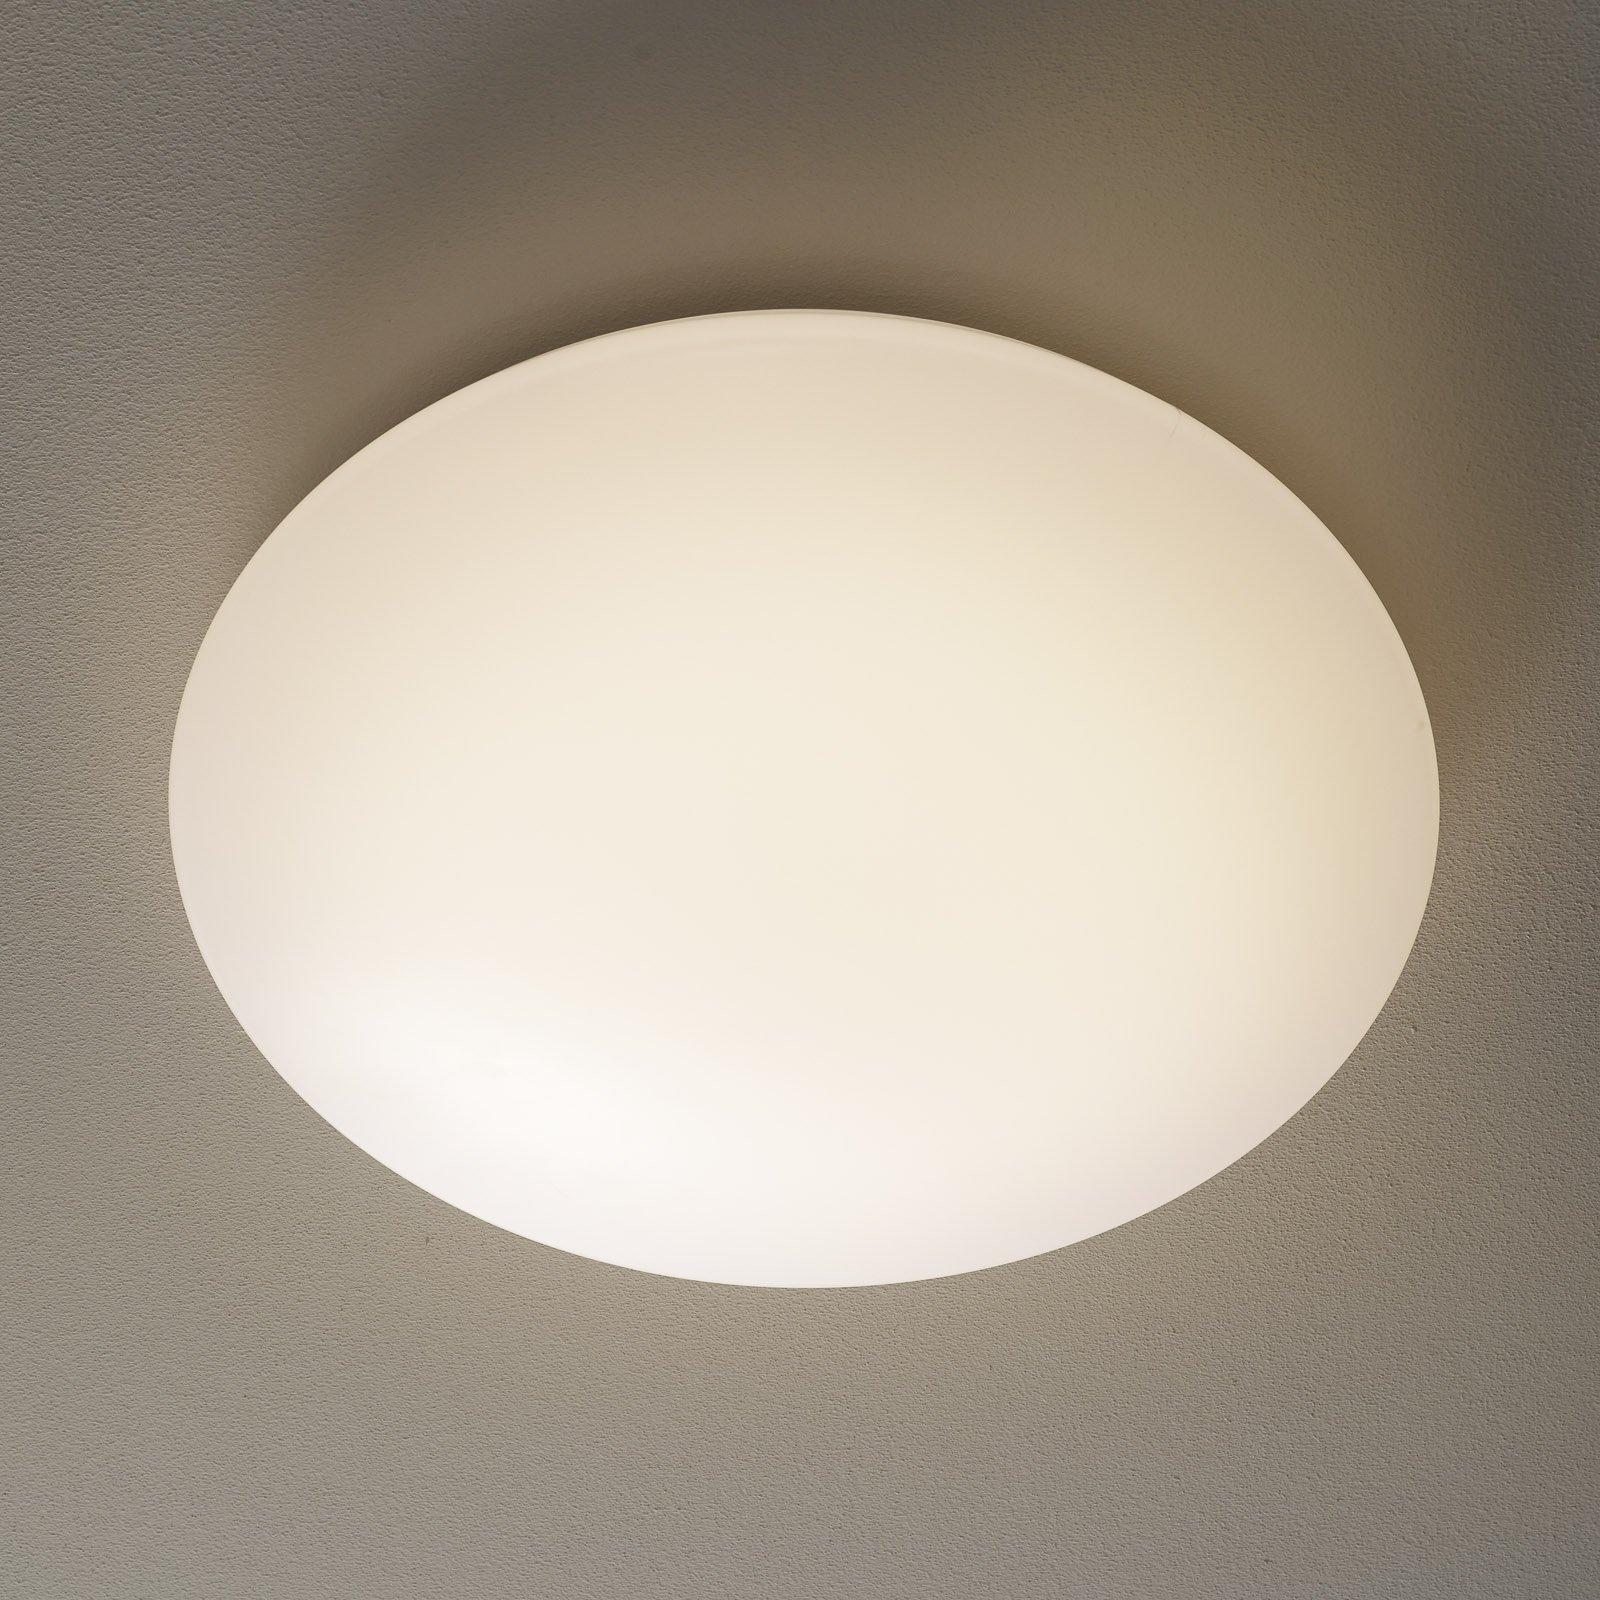 Trio WiZ Charly LED-taklampe, hvit